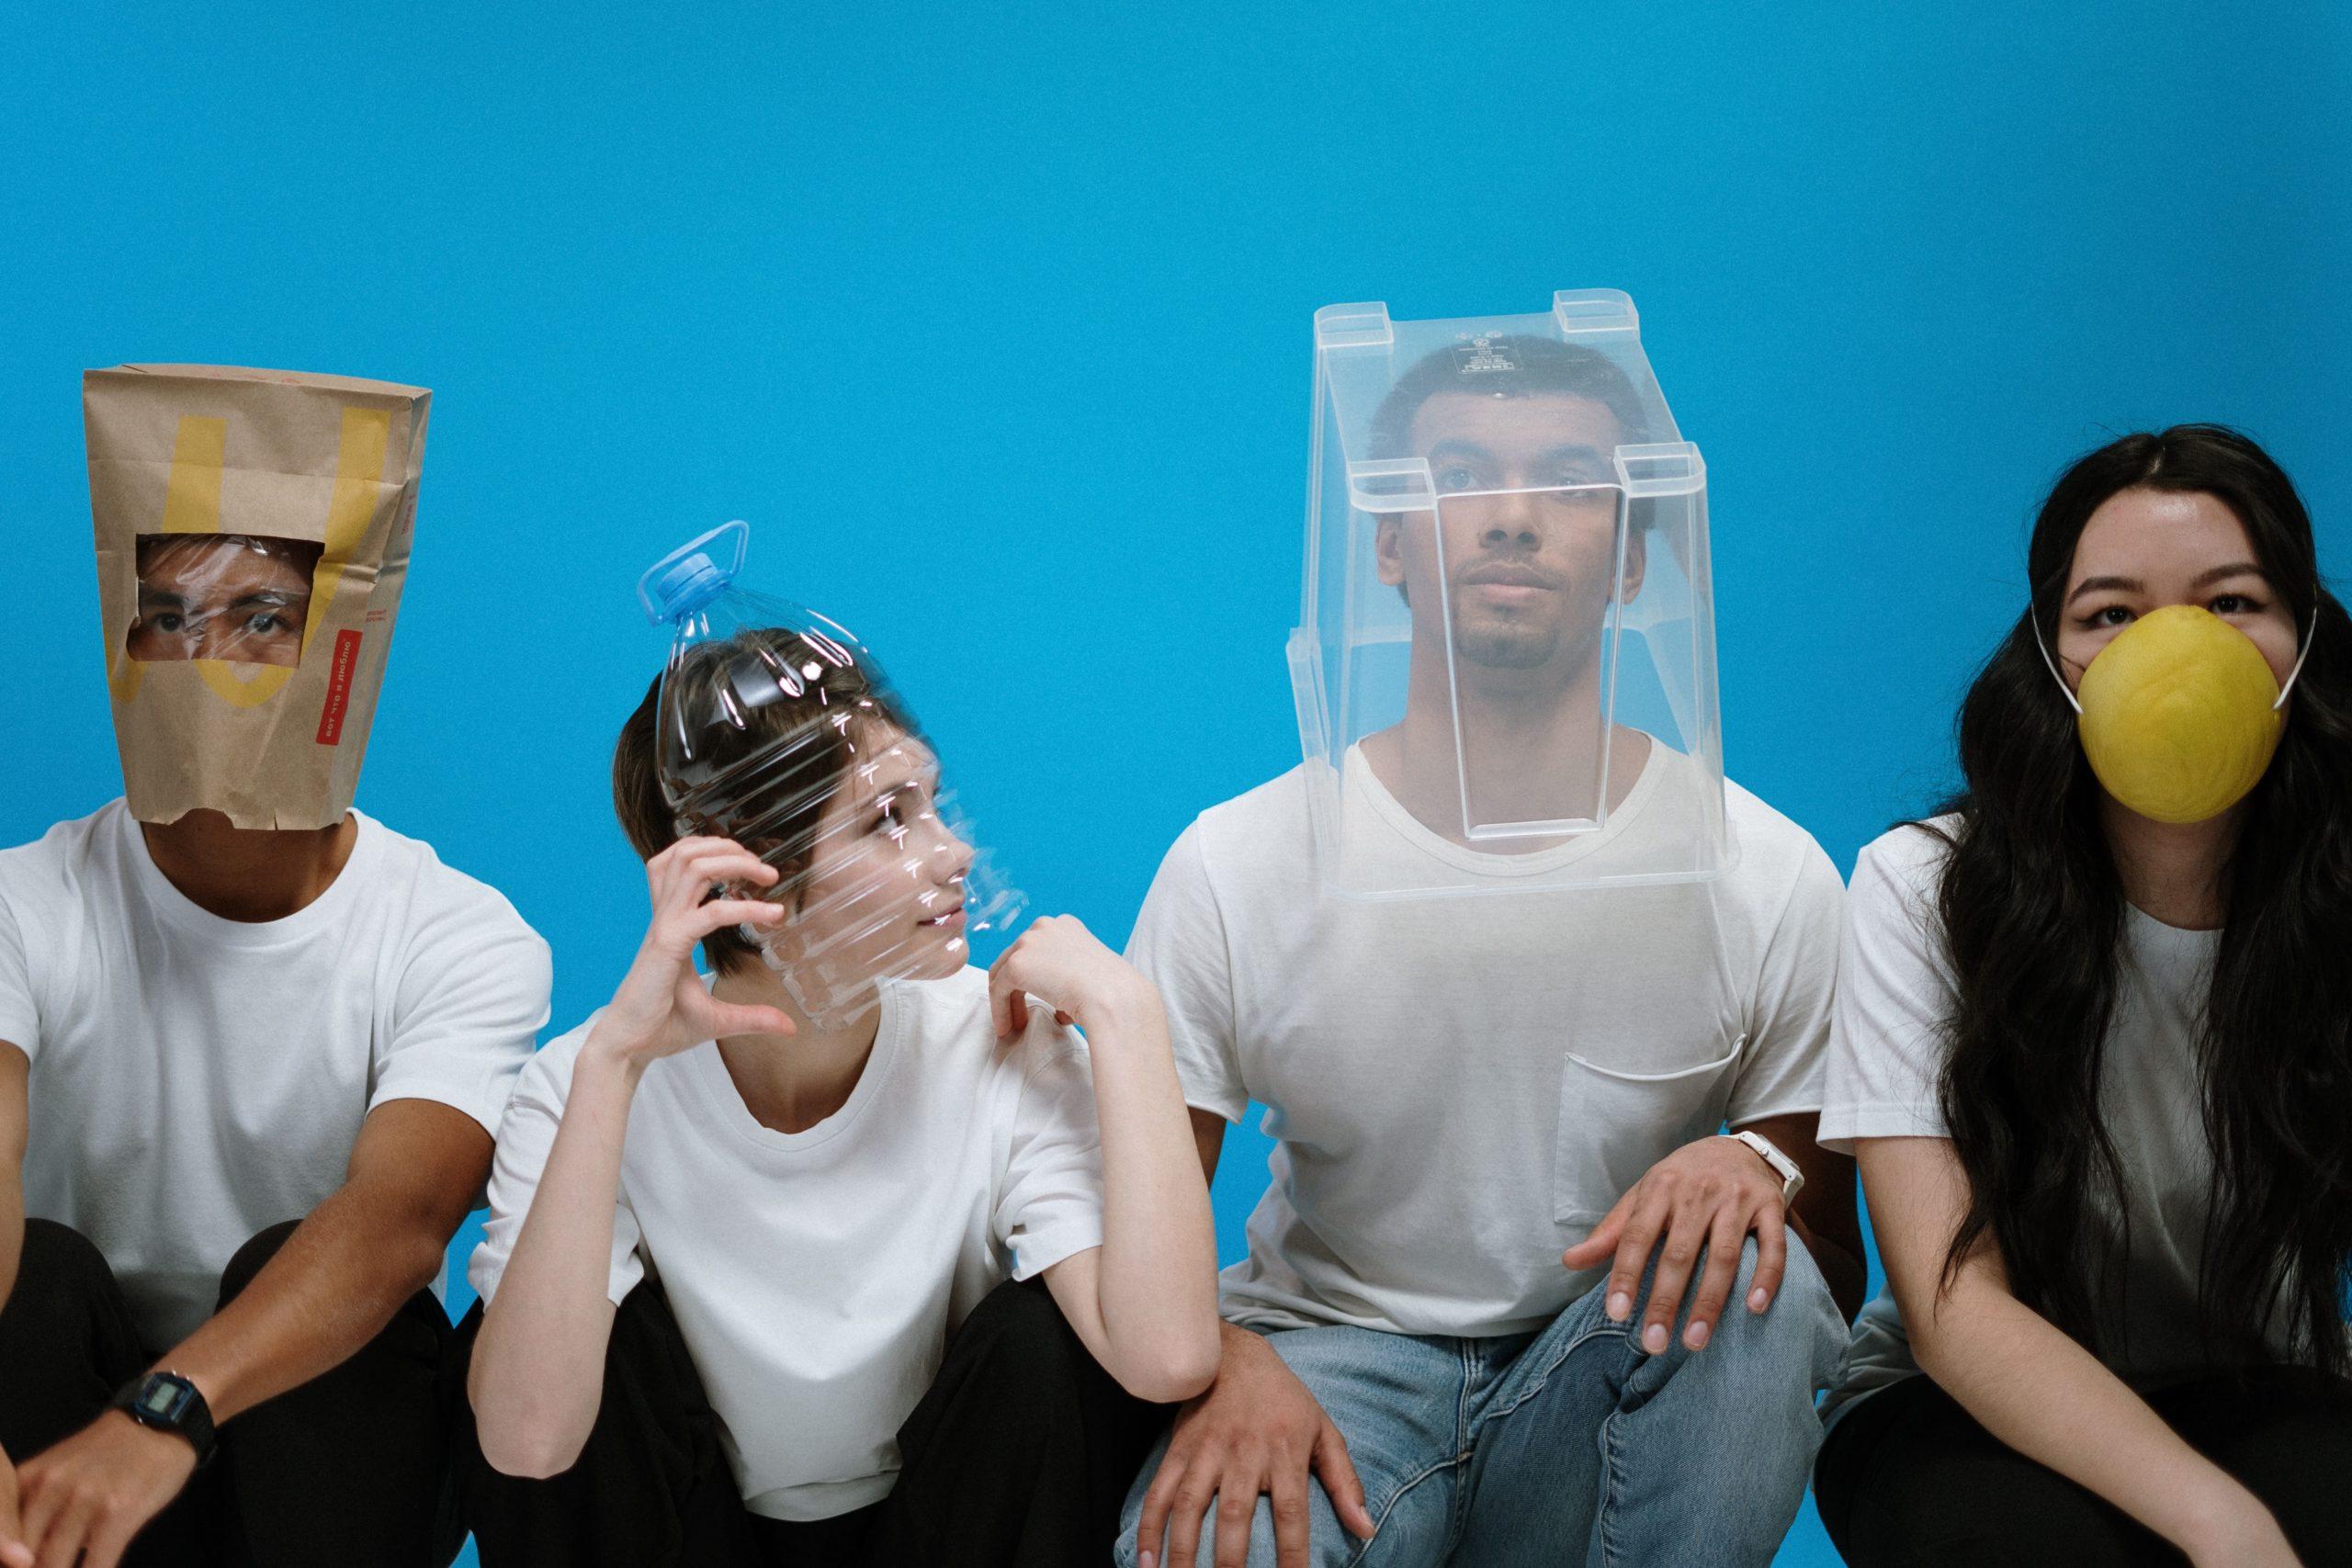 Reicht die chirurgische Maske als Mundschutz?